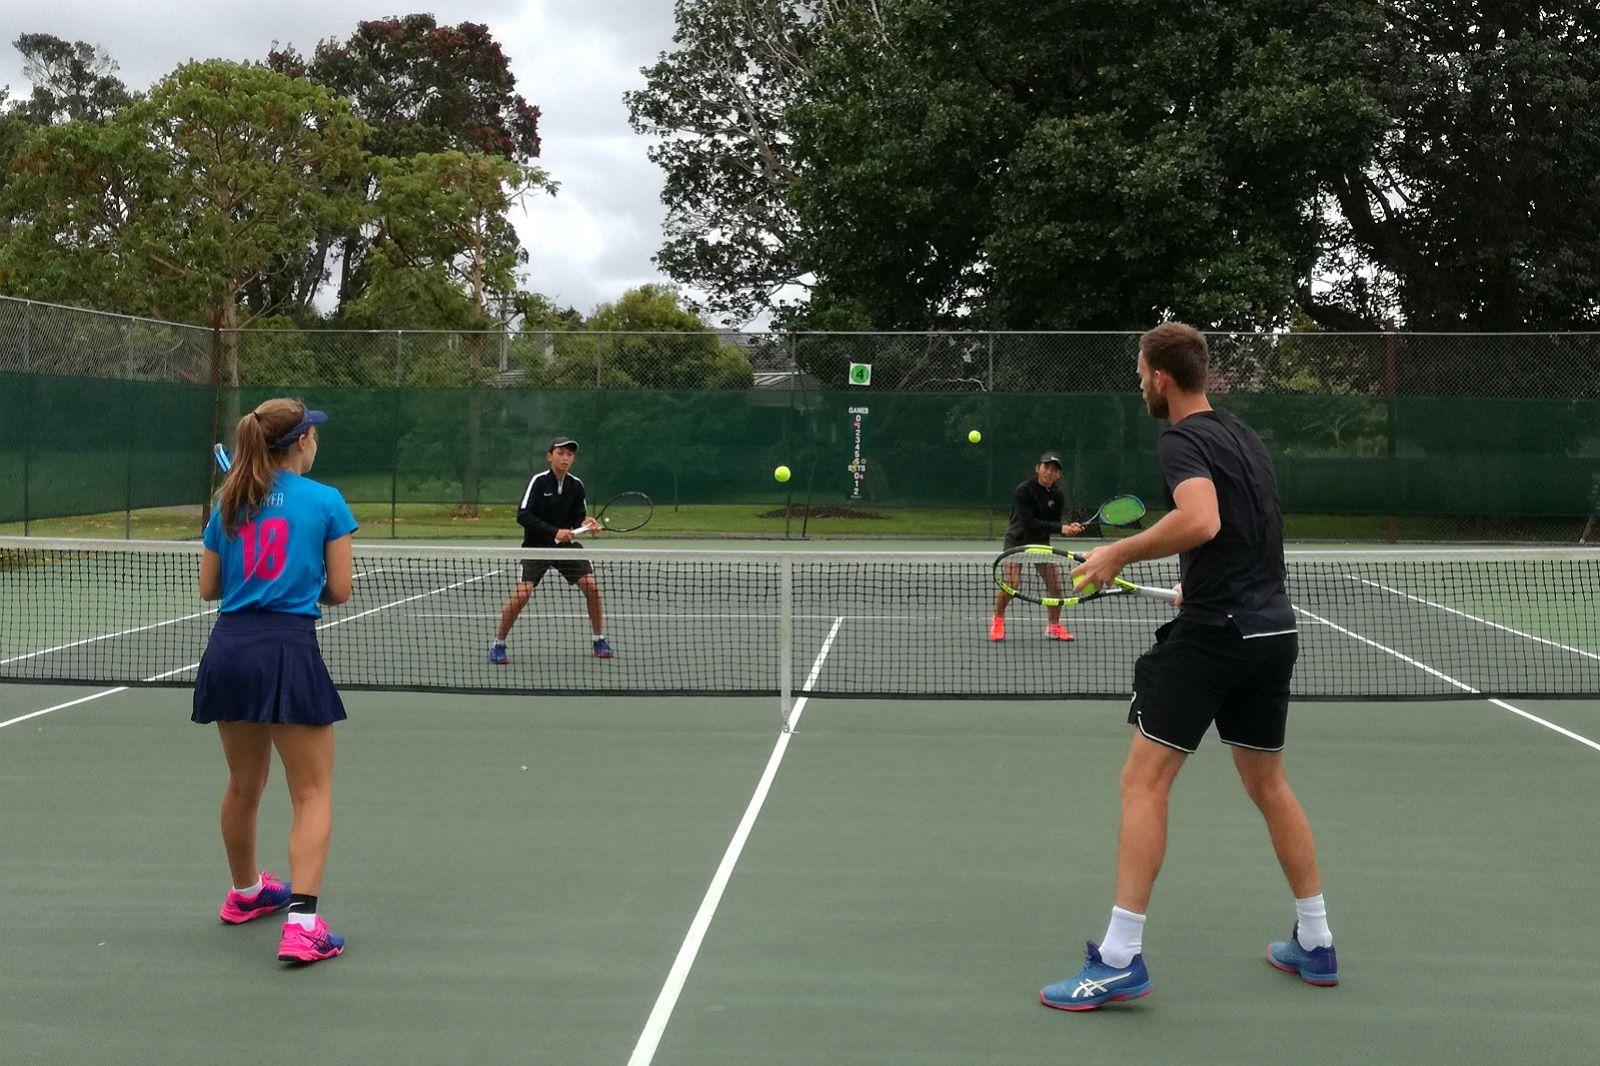 Michael Venus tennis lesson